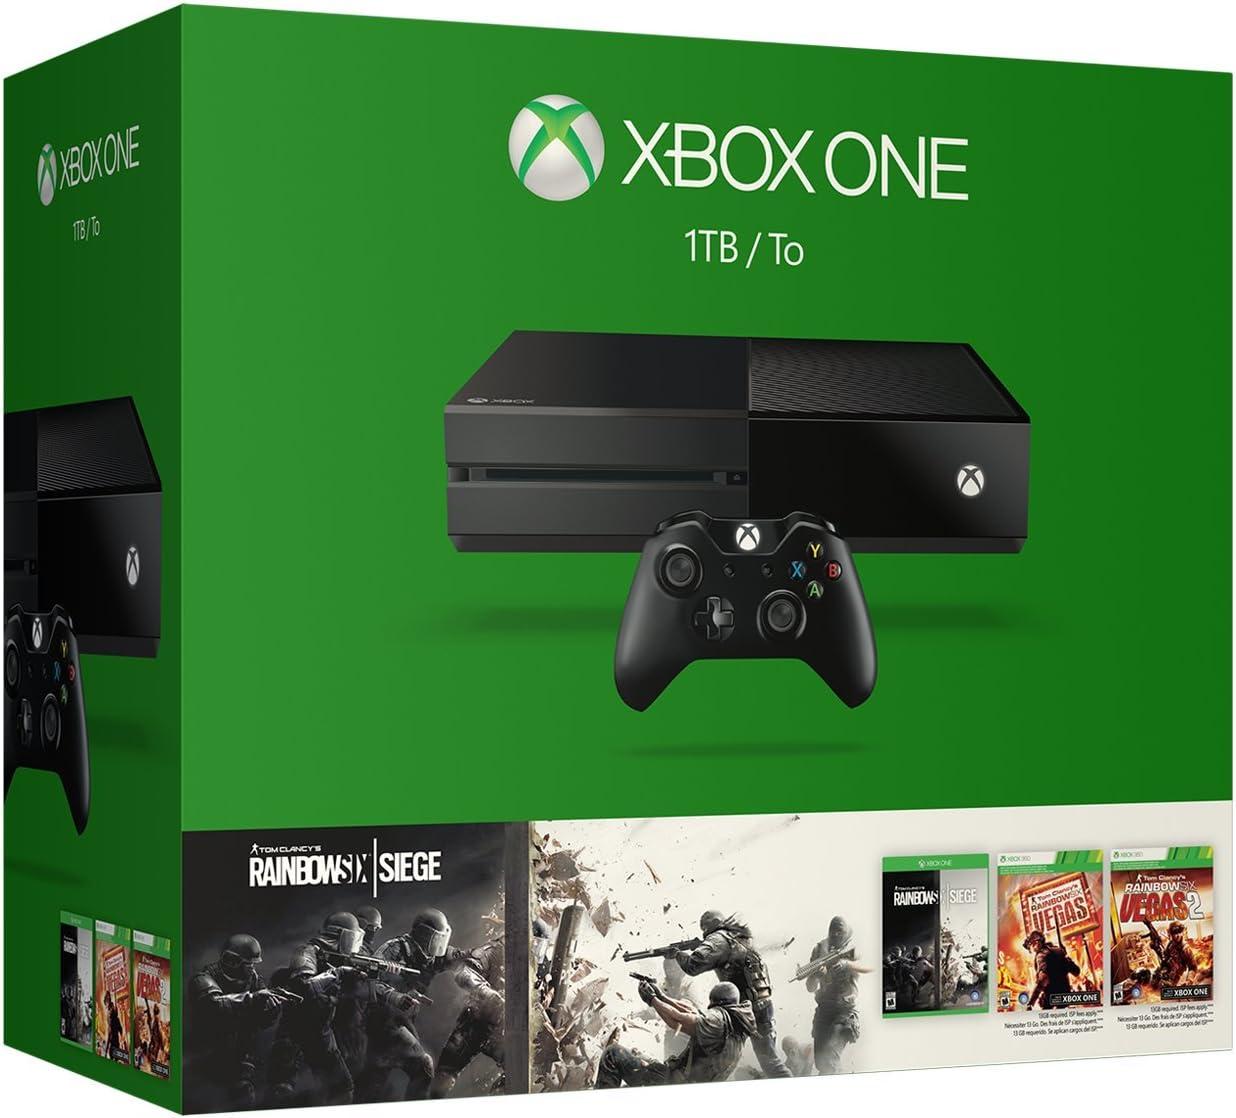 Amazon com: Xbox One 1TB Console - Tom Clancy's Rainbow Six Siege